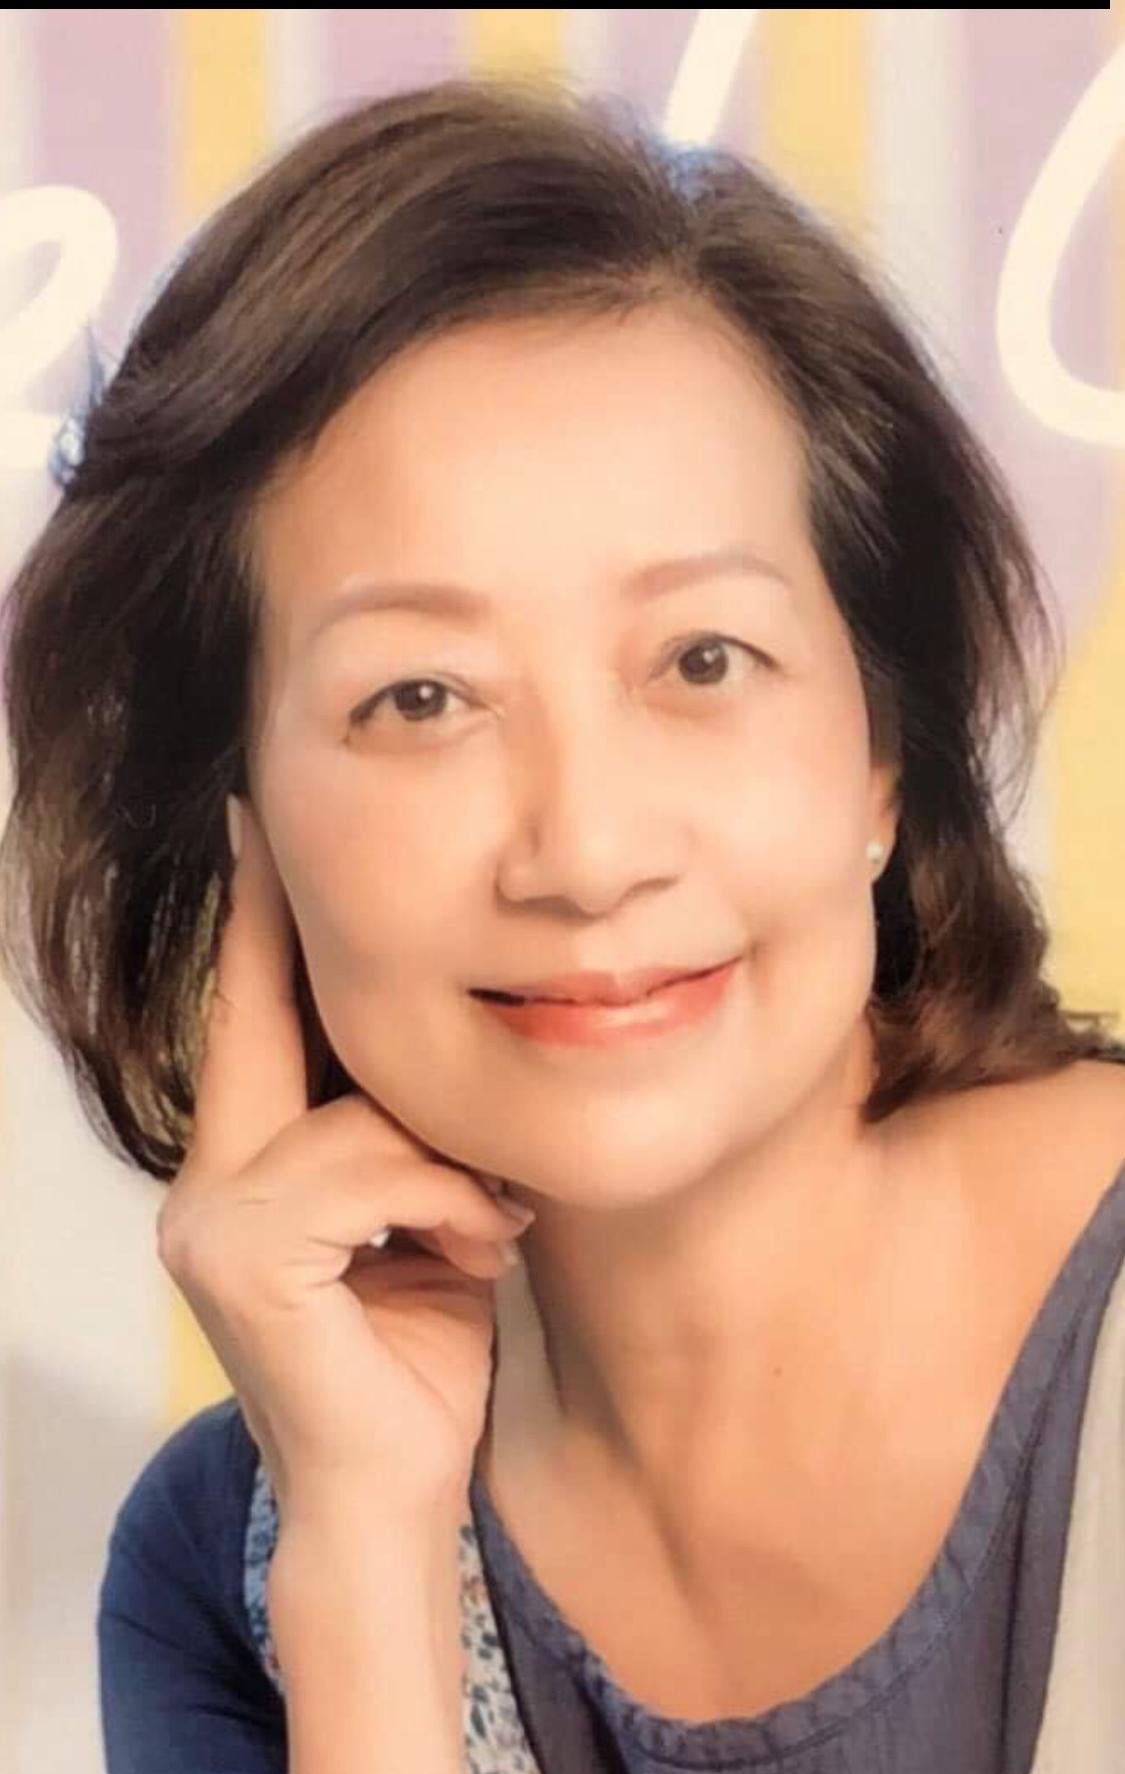 專欄作家 - 詹滿容